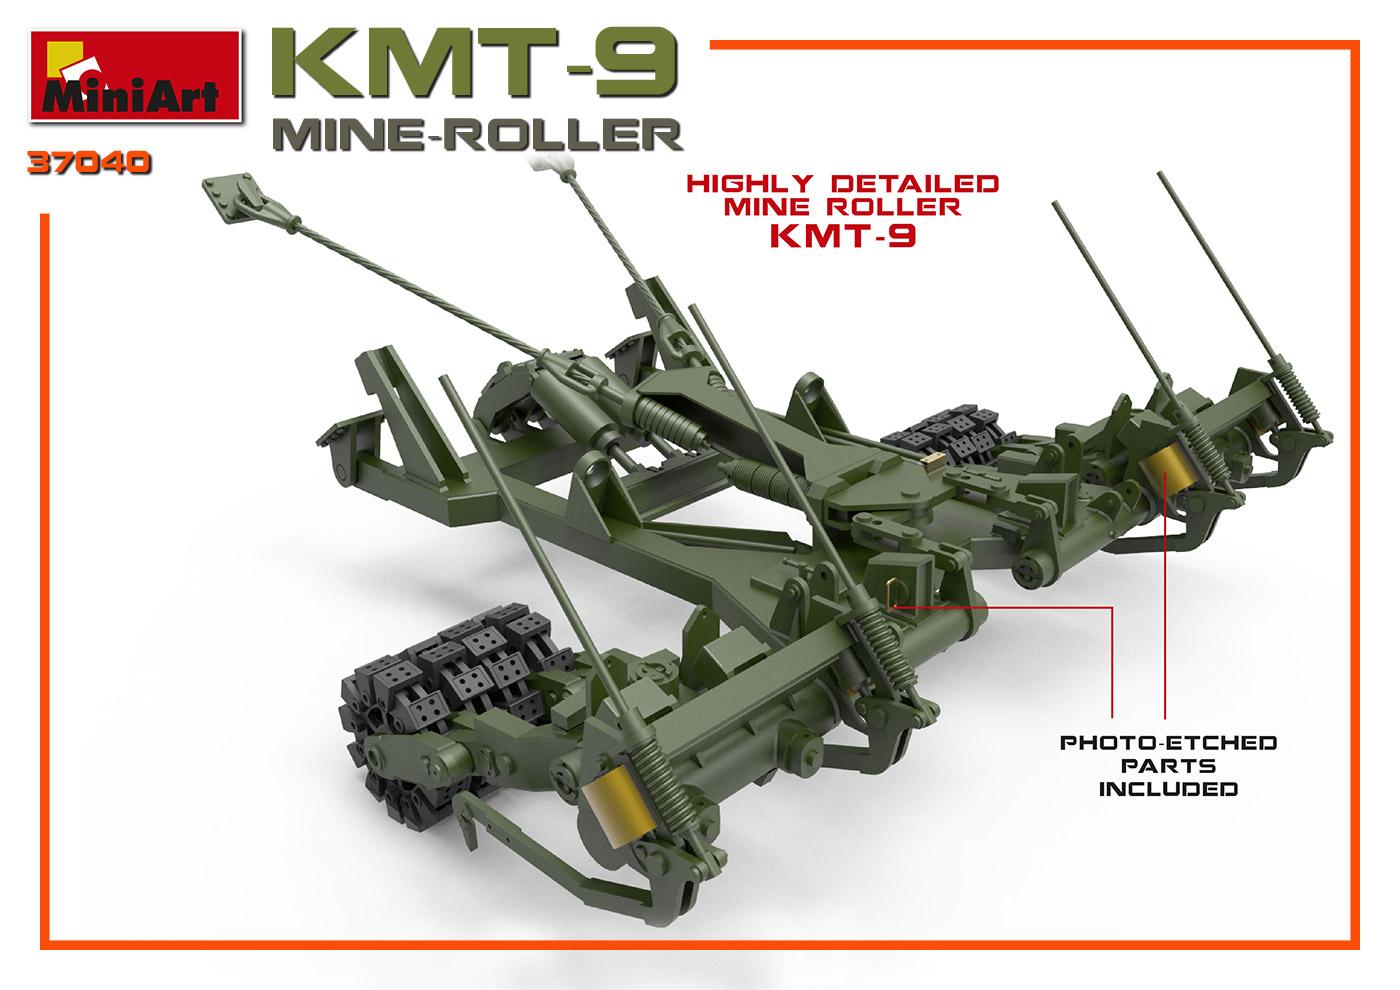 1/35 MINE-ROLLER KMT-9 37040